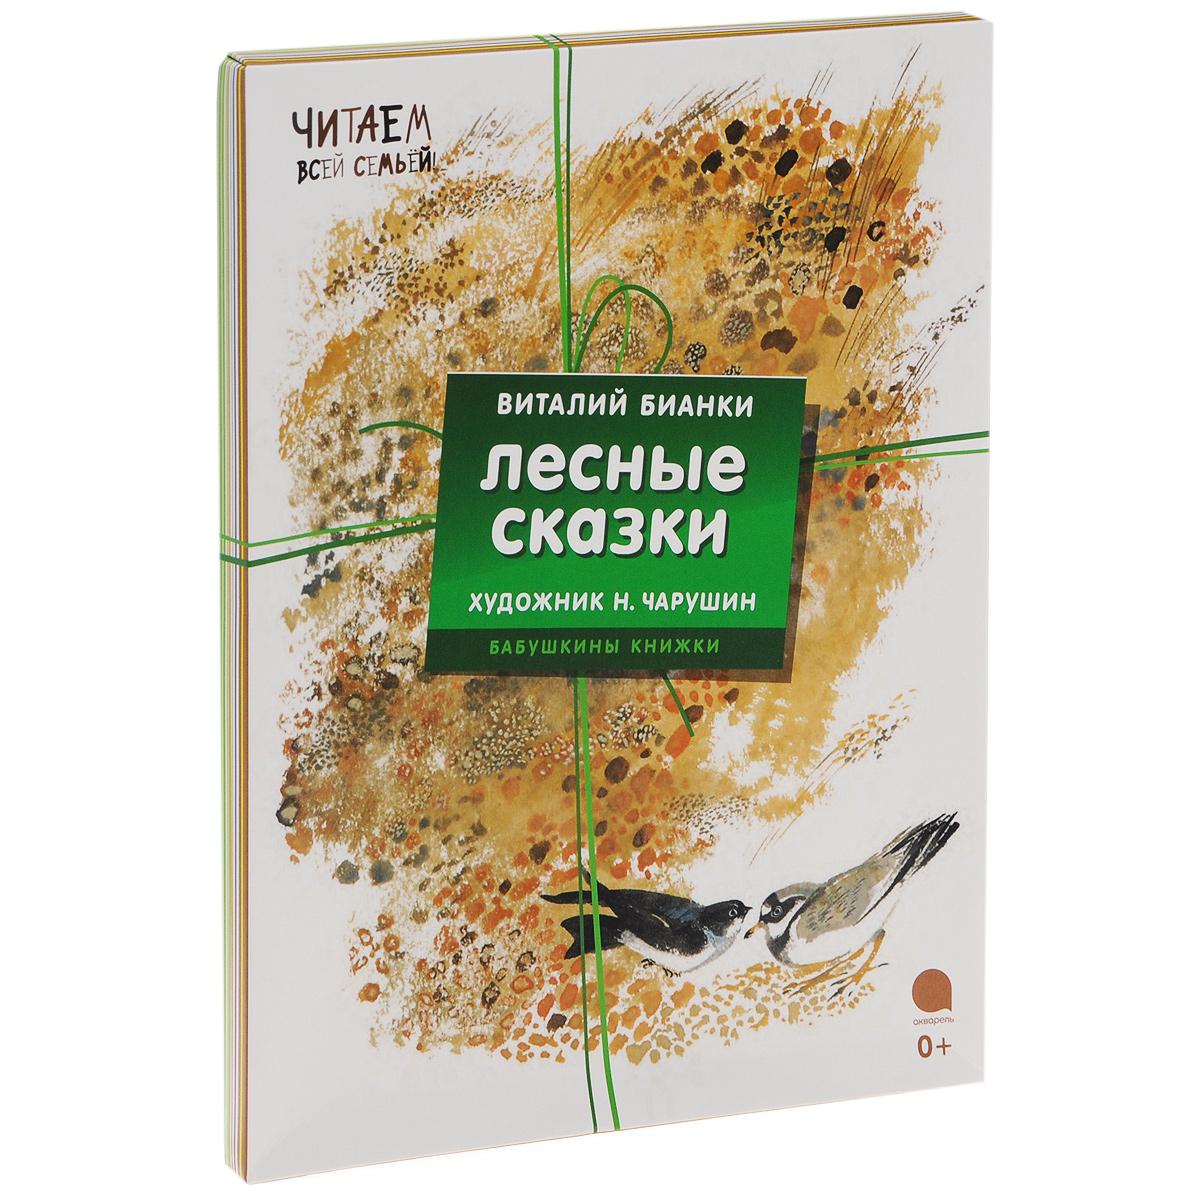 Виталий Бианки Лесные сказки (комплект из 4 книг)